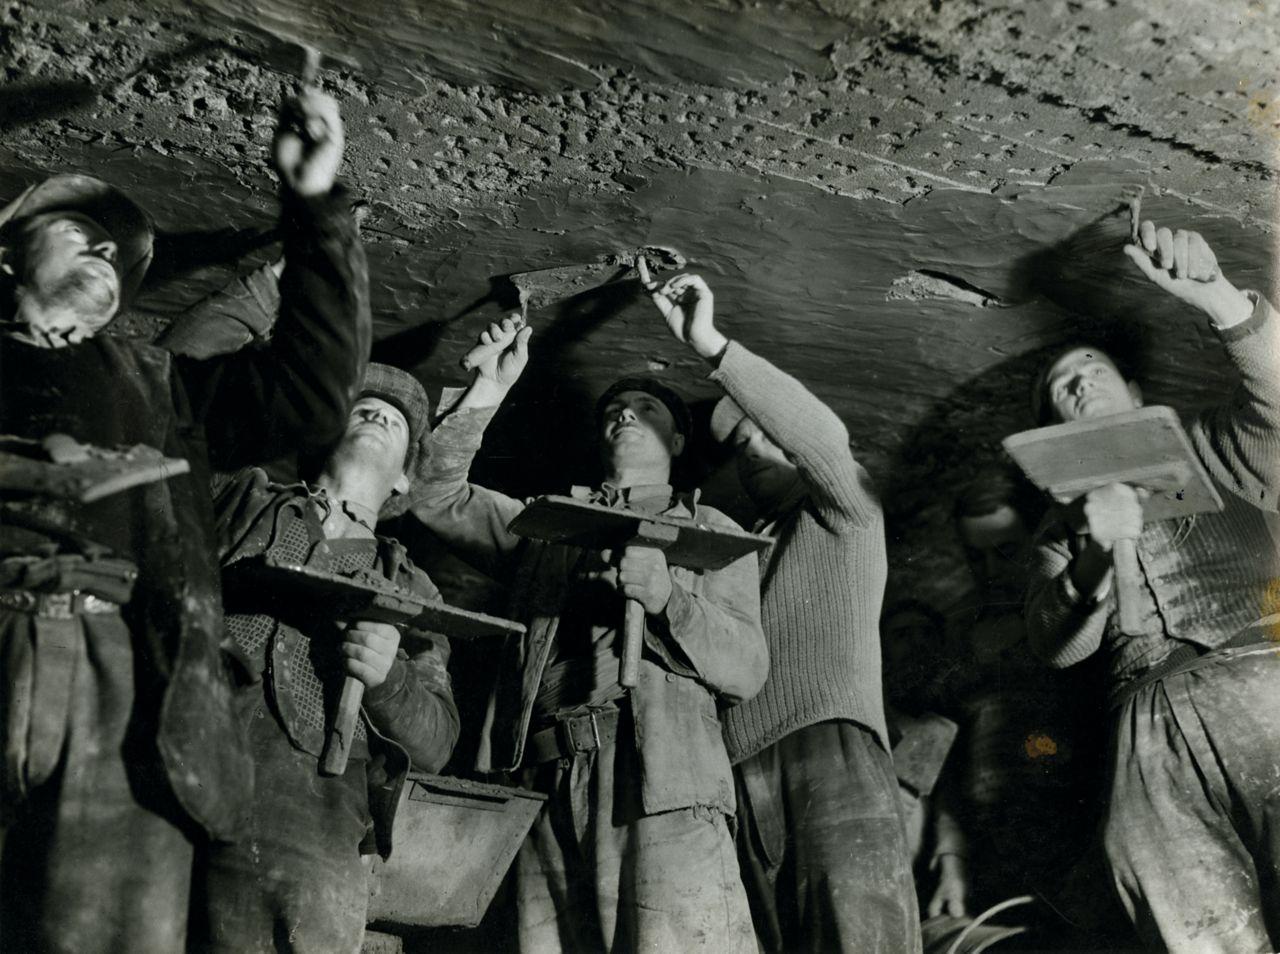 Arbeiter bei der Abdichtung eines Tunnels